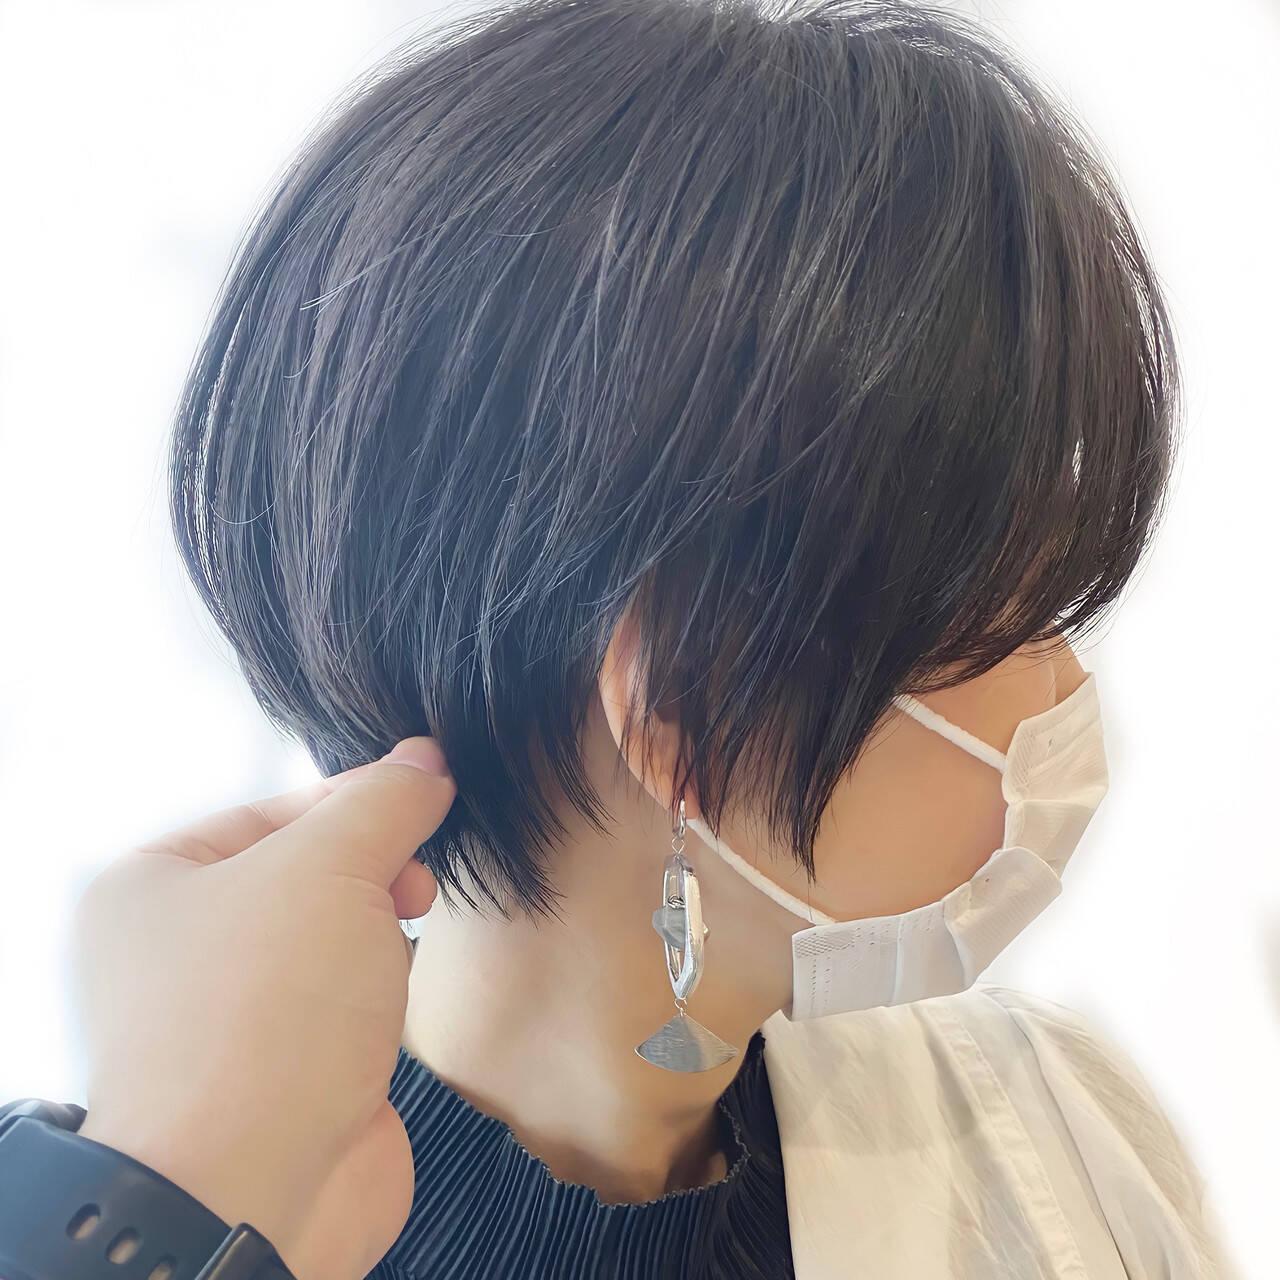 インナーカラー ショートボブ ベリーショート 切りっぱなしボブヘアスタイルや髪型の写真・画像